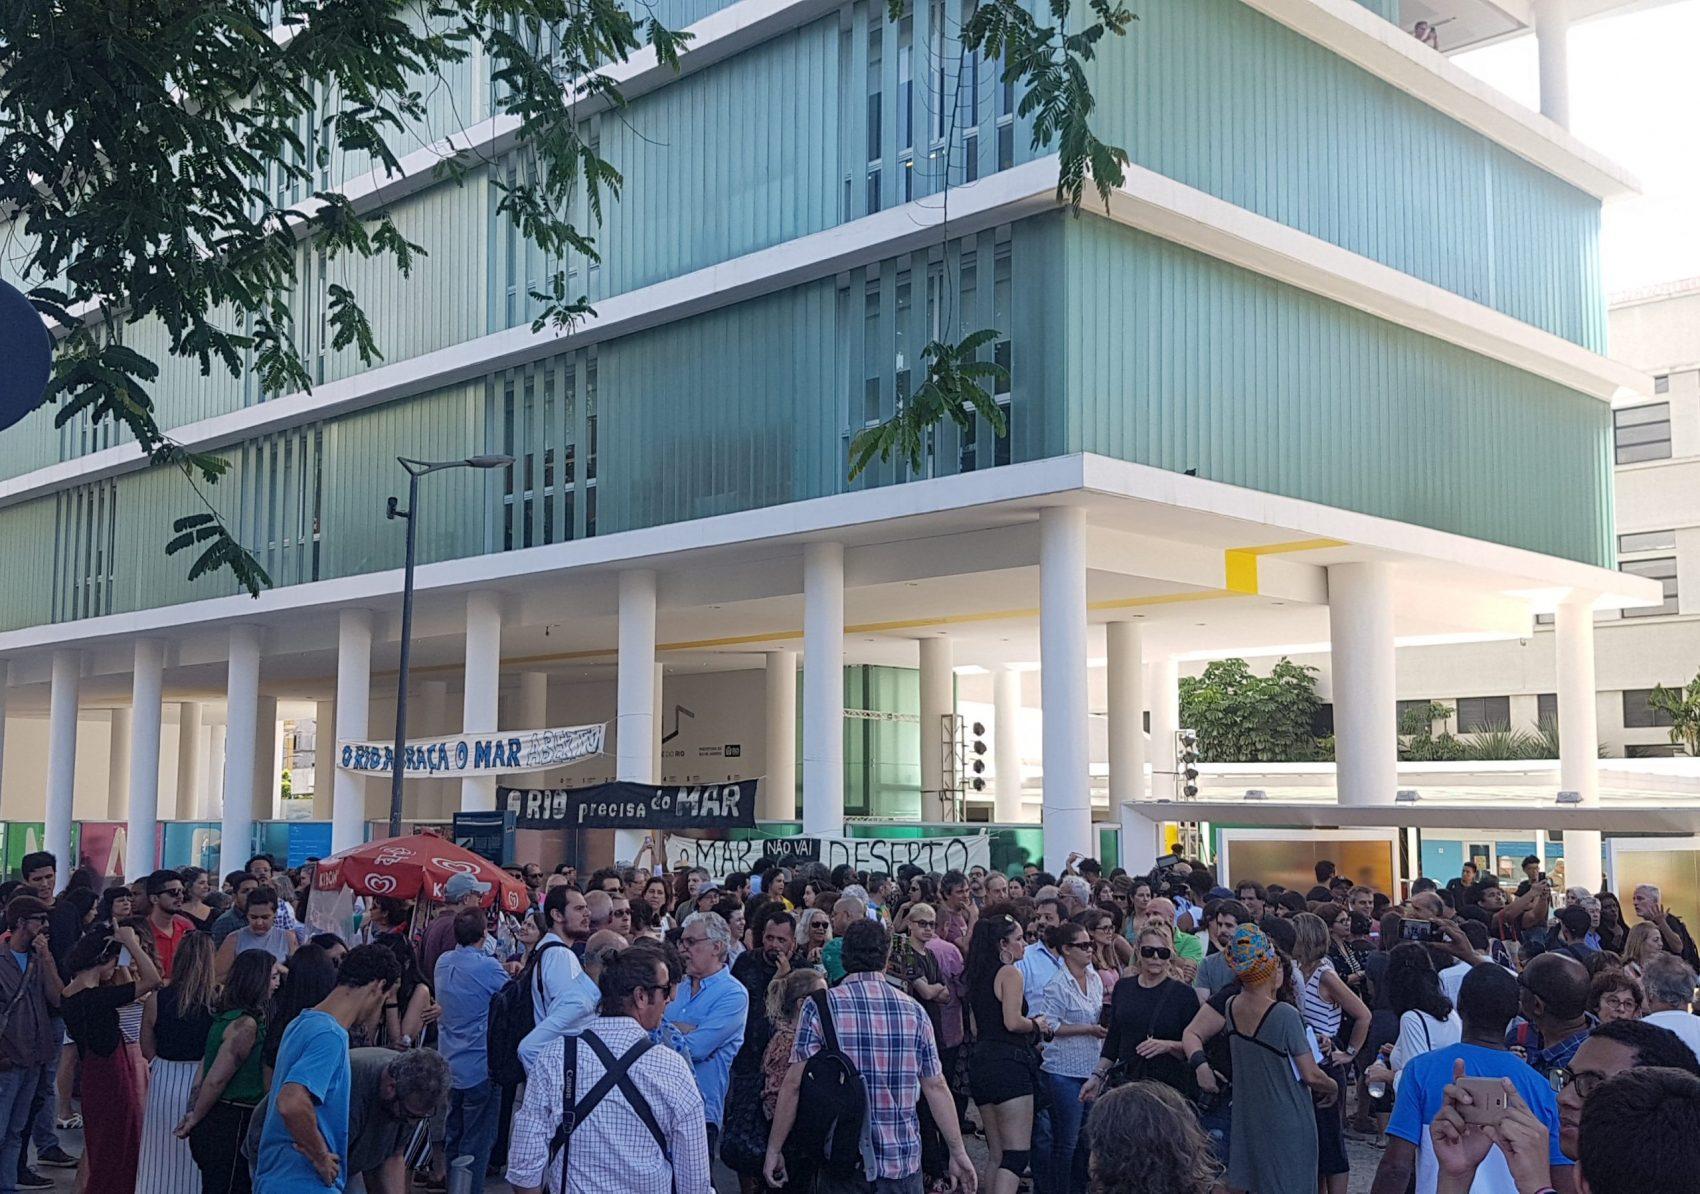 Manifestação em defesa do Museu de Arte do Rio: prefeitura atrasa repasses e funcionários estão de aviso prévio (Foto: Oscar Valporto)